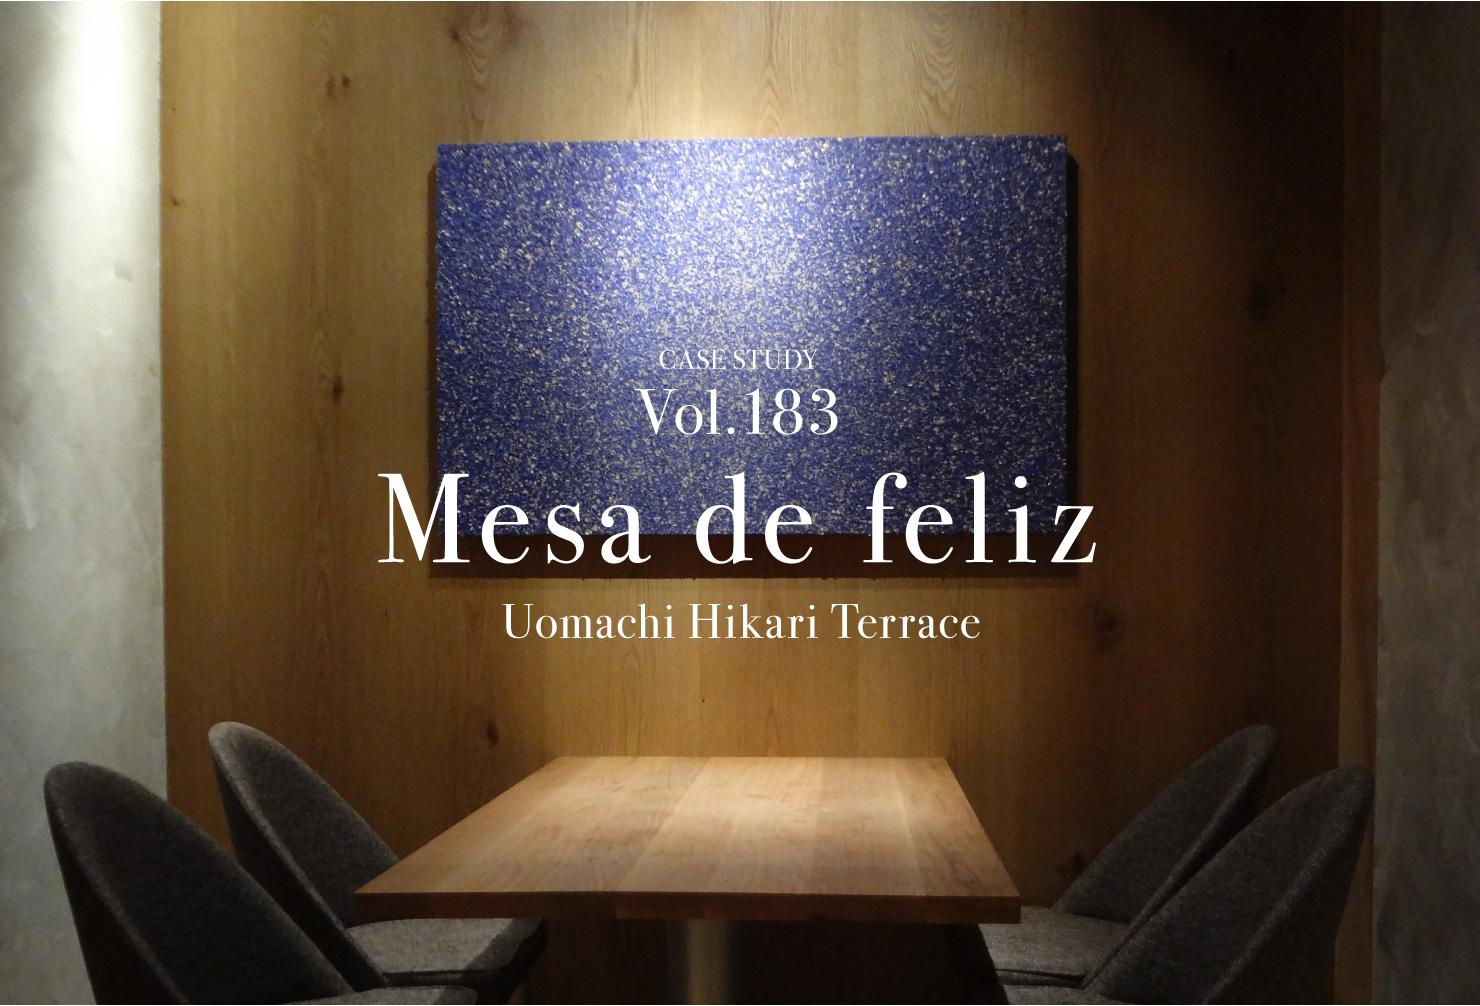 CASE STUDY Vol.183 Mesa de feliz Uomachi Hikari Terrace